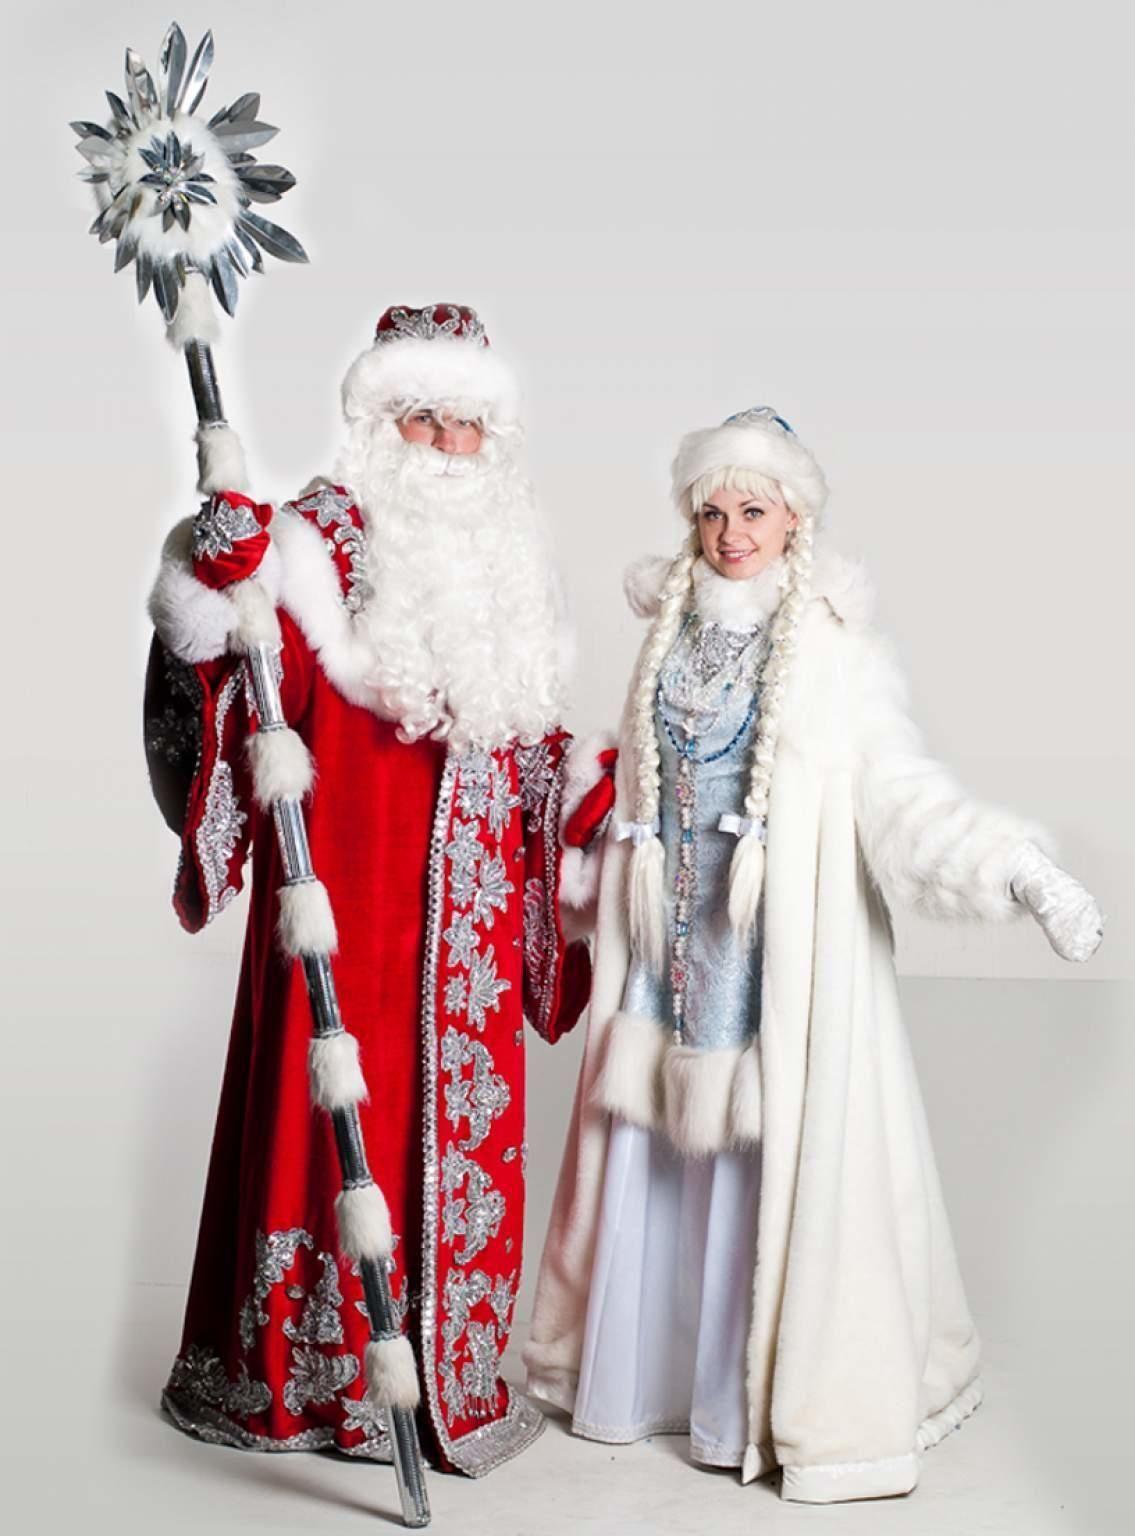 Samye Krasivye Ded Moroz I Snegurochka Kostyum Ded Moroz Fotografii